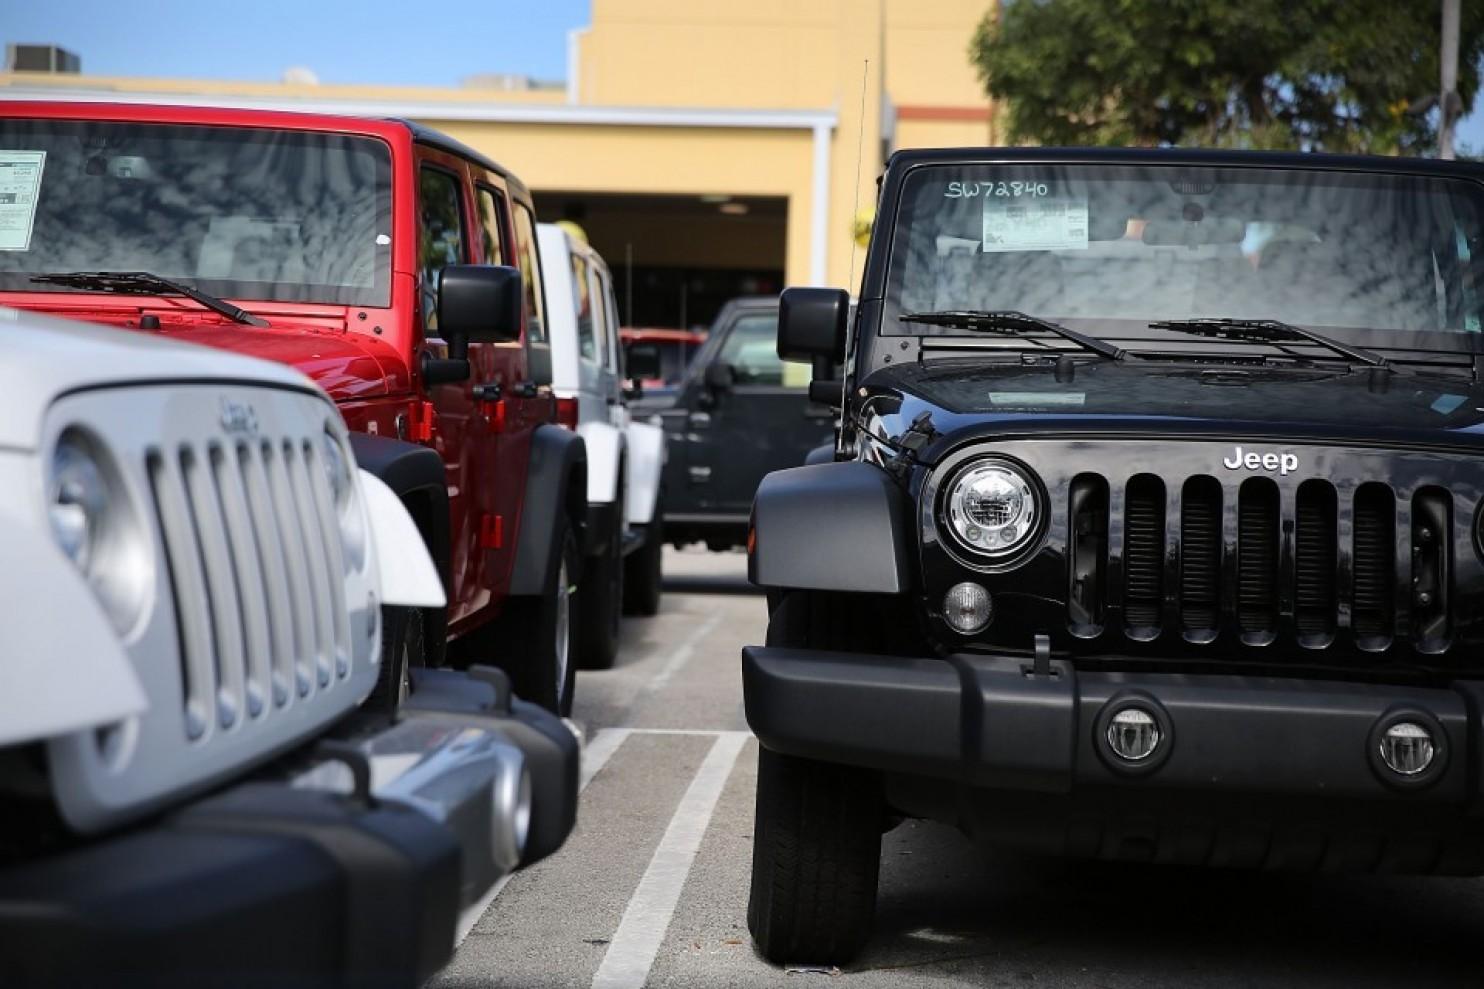 «Хакеры» угнали 150 Jeep, «взломав базу данных» 1